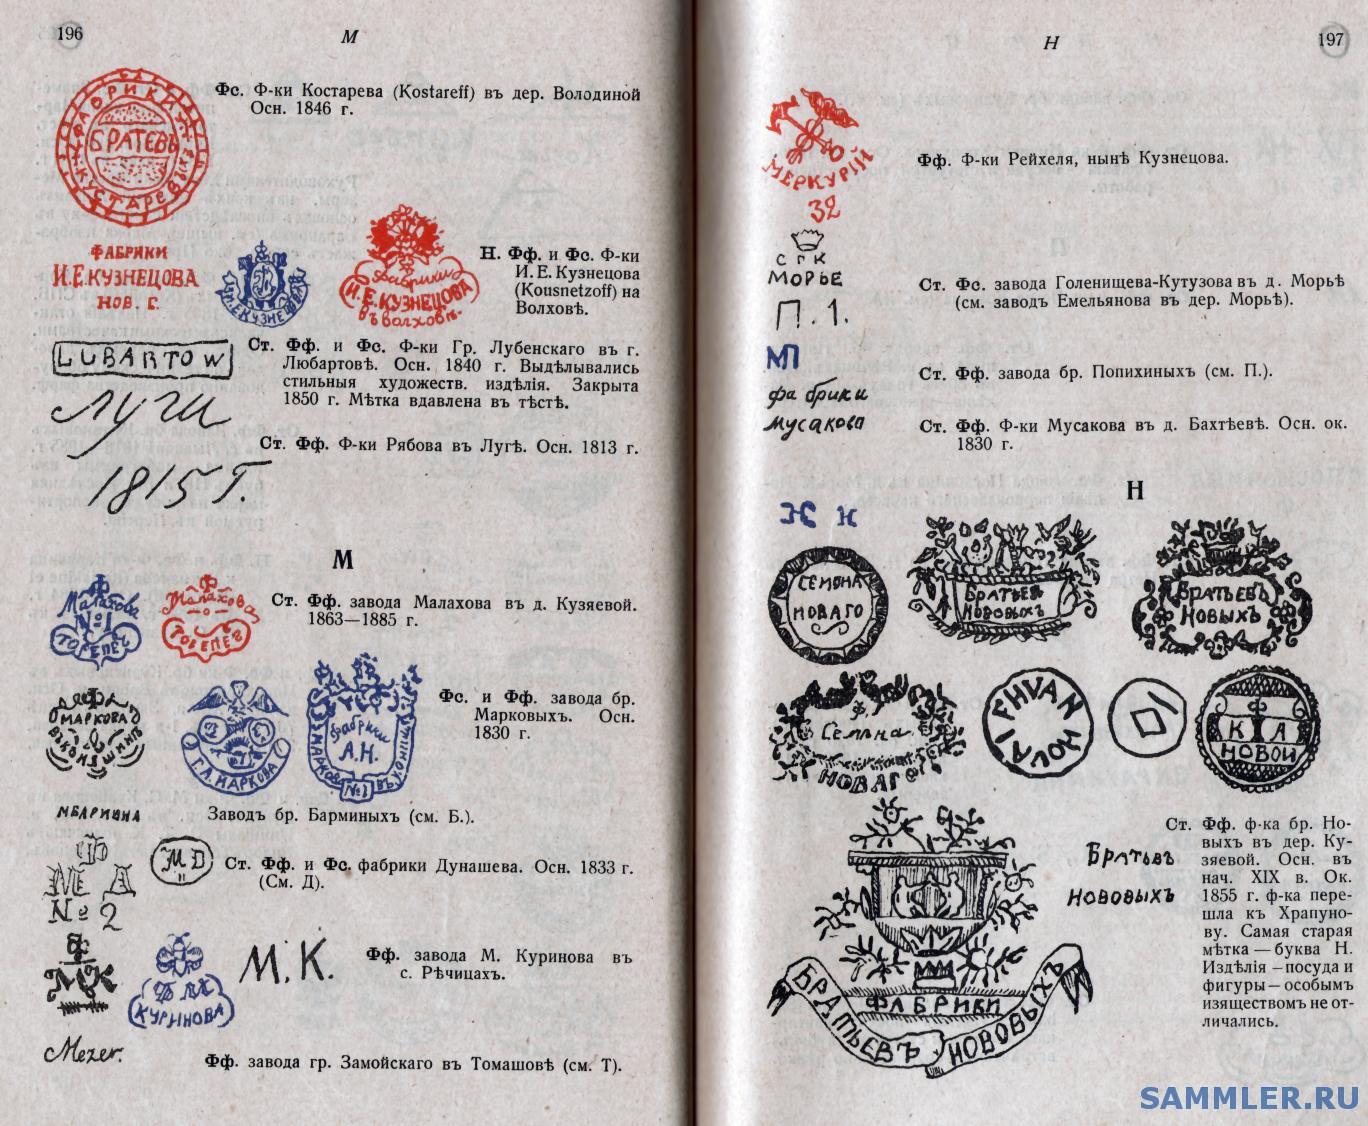 196-197.jpg